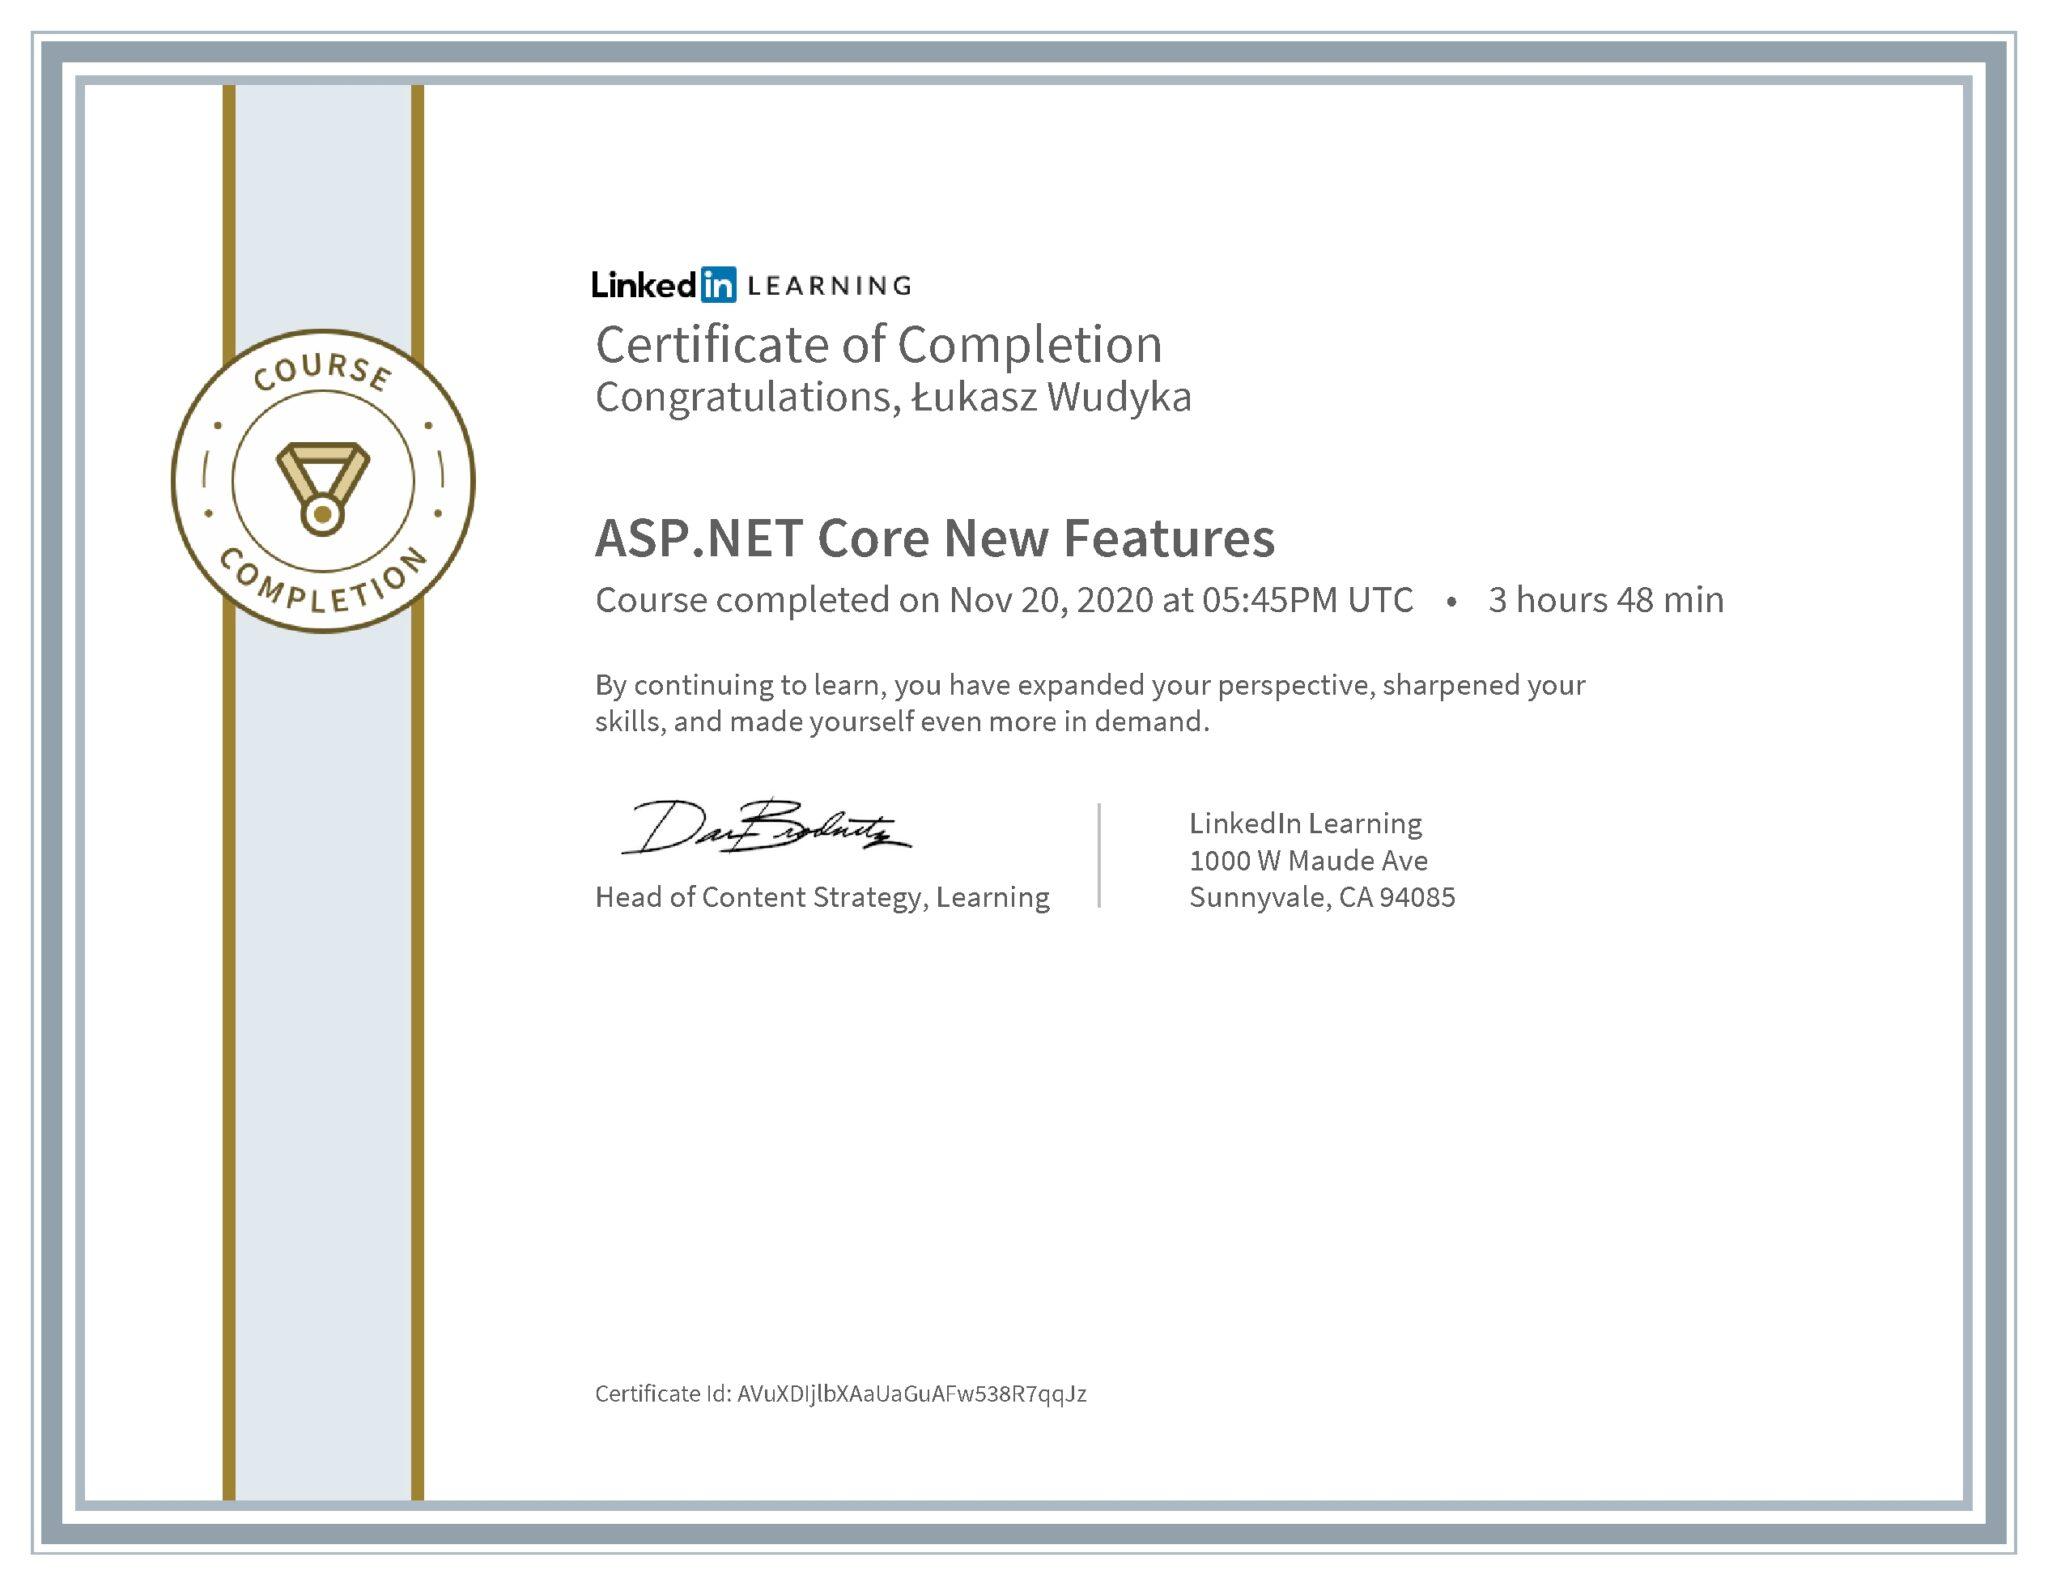 Łukasz Wudyka certyfikat LinkedIn ASP.NET Core New Features